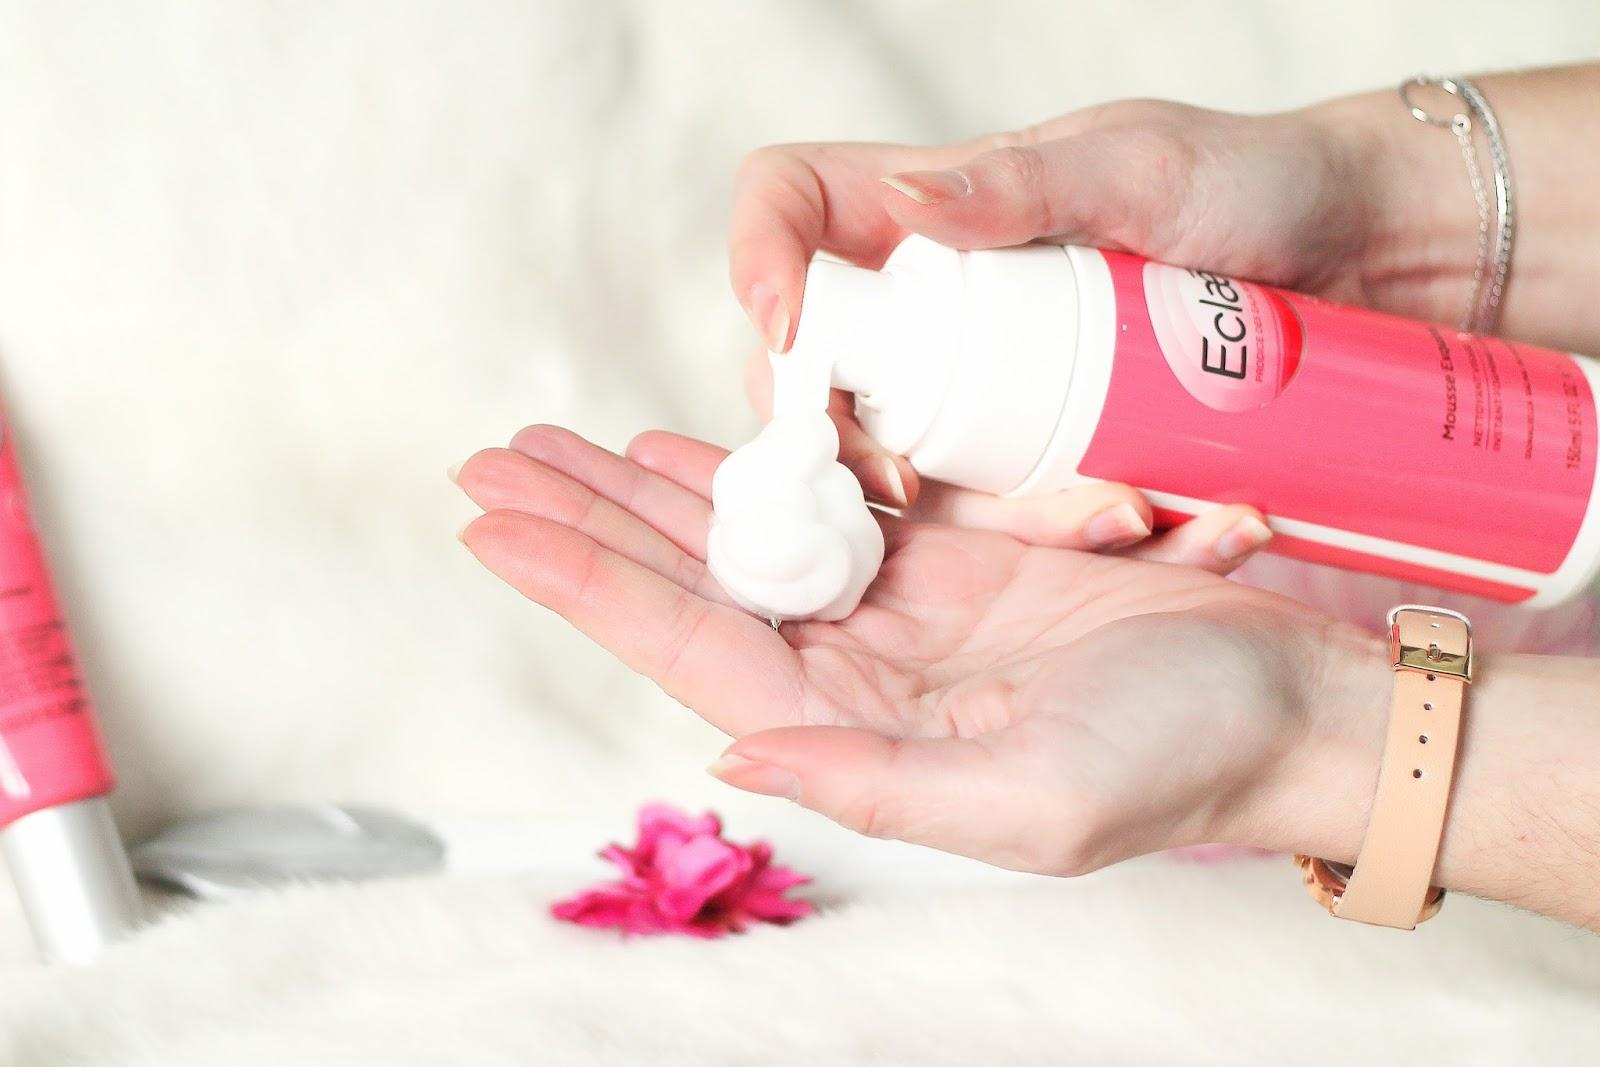 eclae concours soin makeup cosmétiques crème mousse nettoyante enrichi protecteur eau de rose aqua duna baume corps visage prendre soin de soi fleur rose salin camargue les gommettes de melo gommette trustme